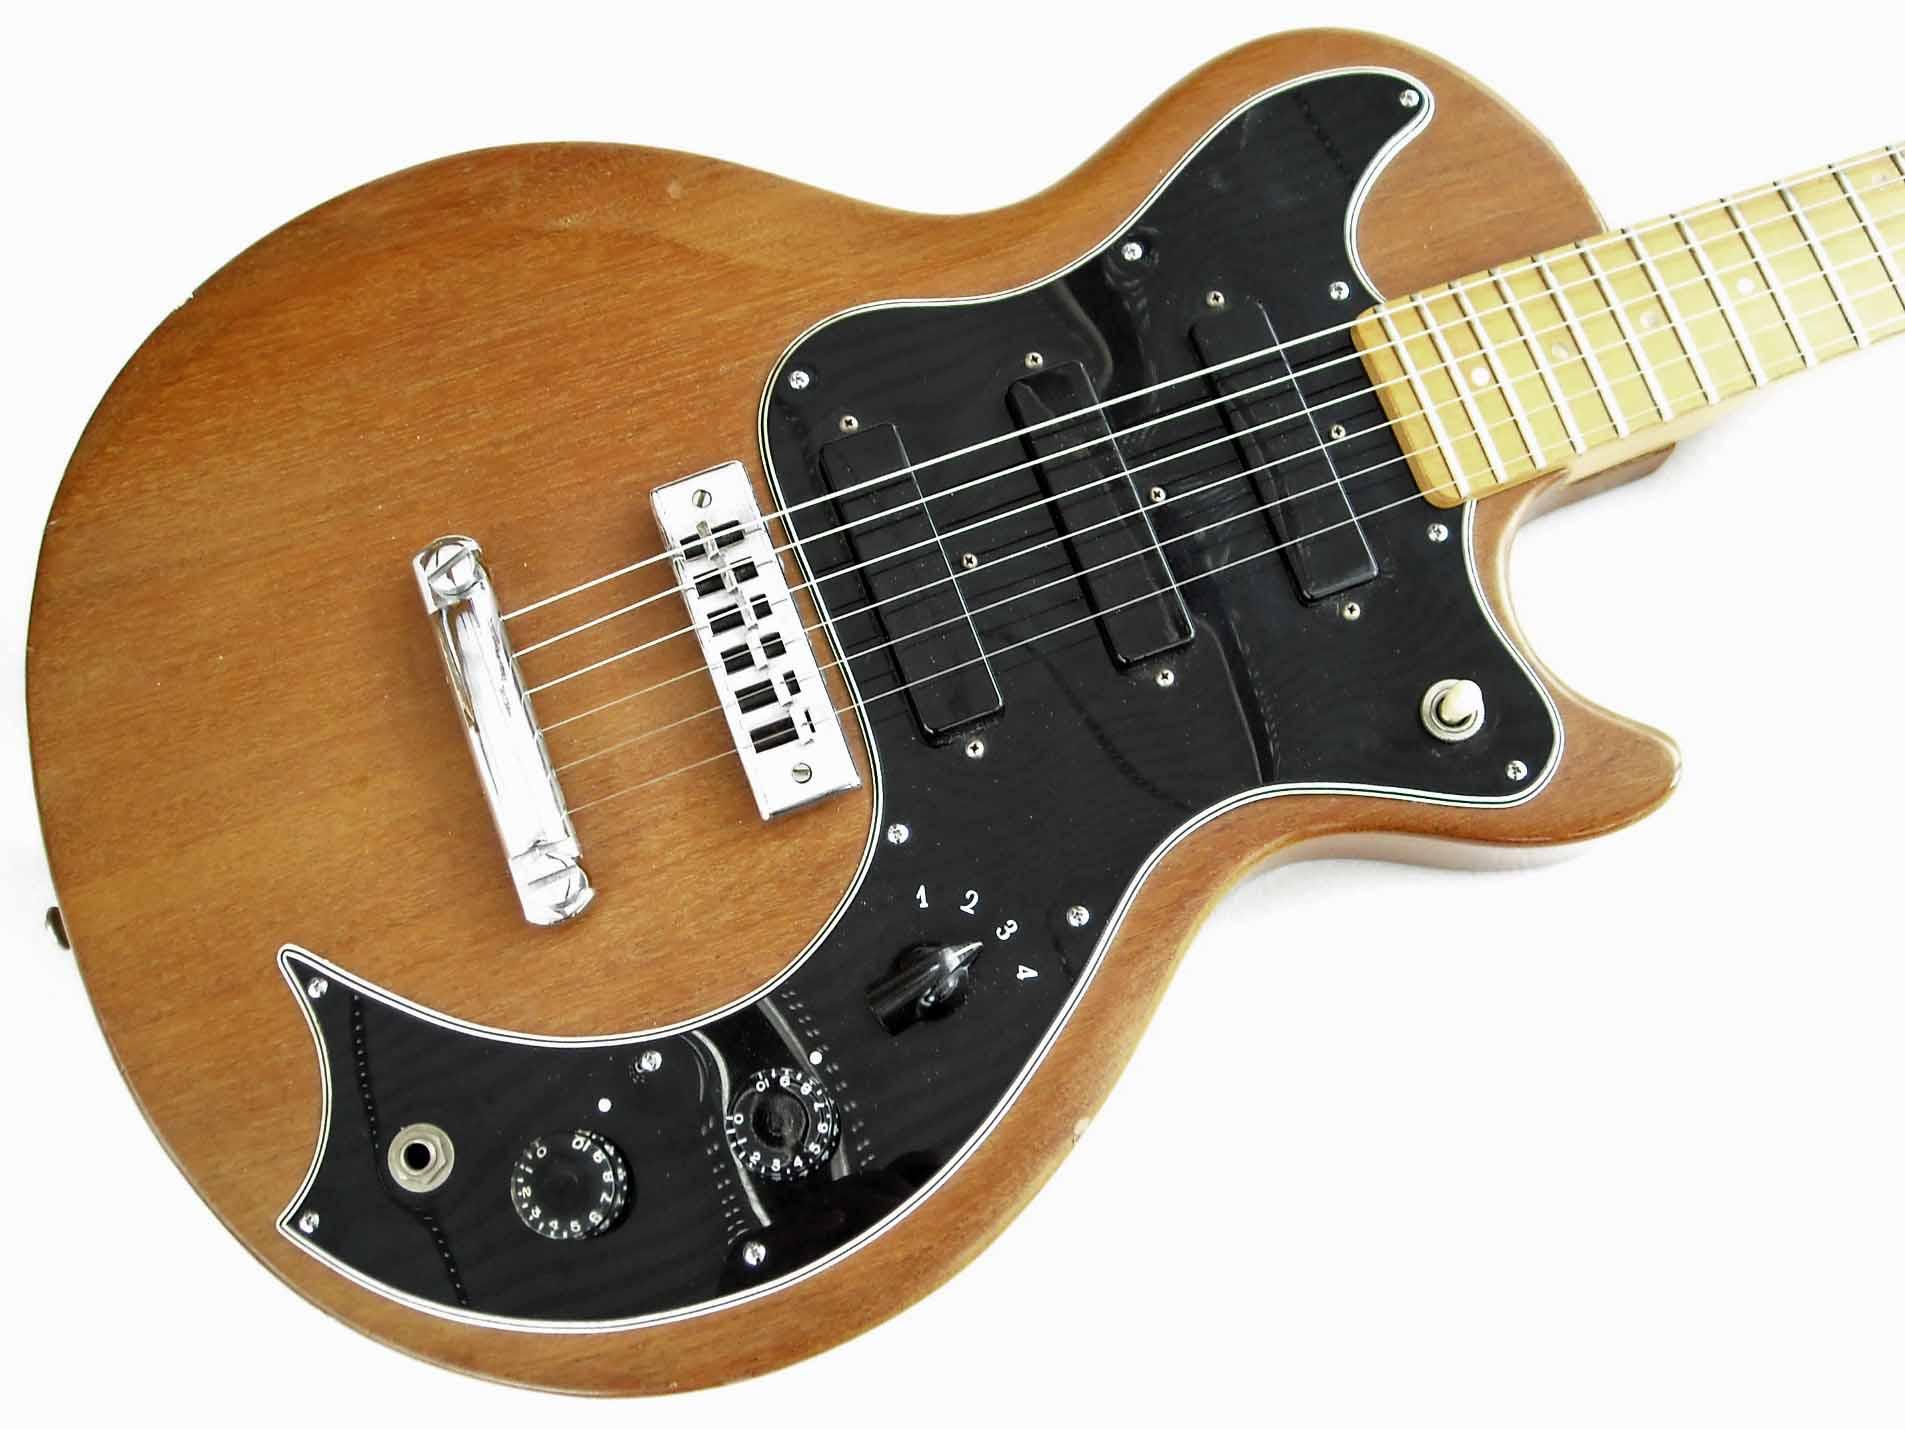 gibson s 1 1978 natural guitar for sale wutzdog guitars. Black Bedroom Furniture Sets. Home Design Ideas